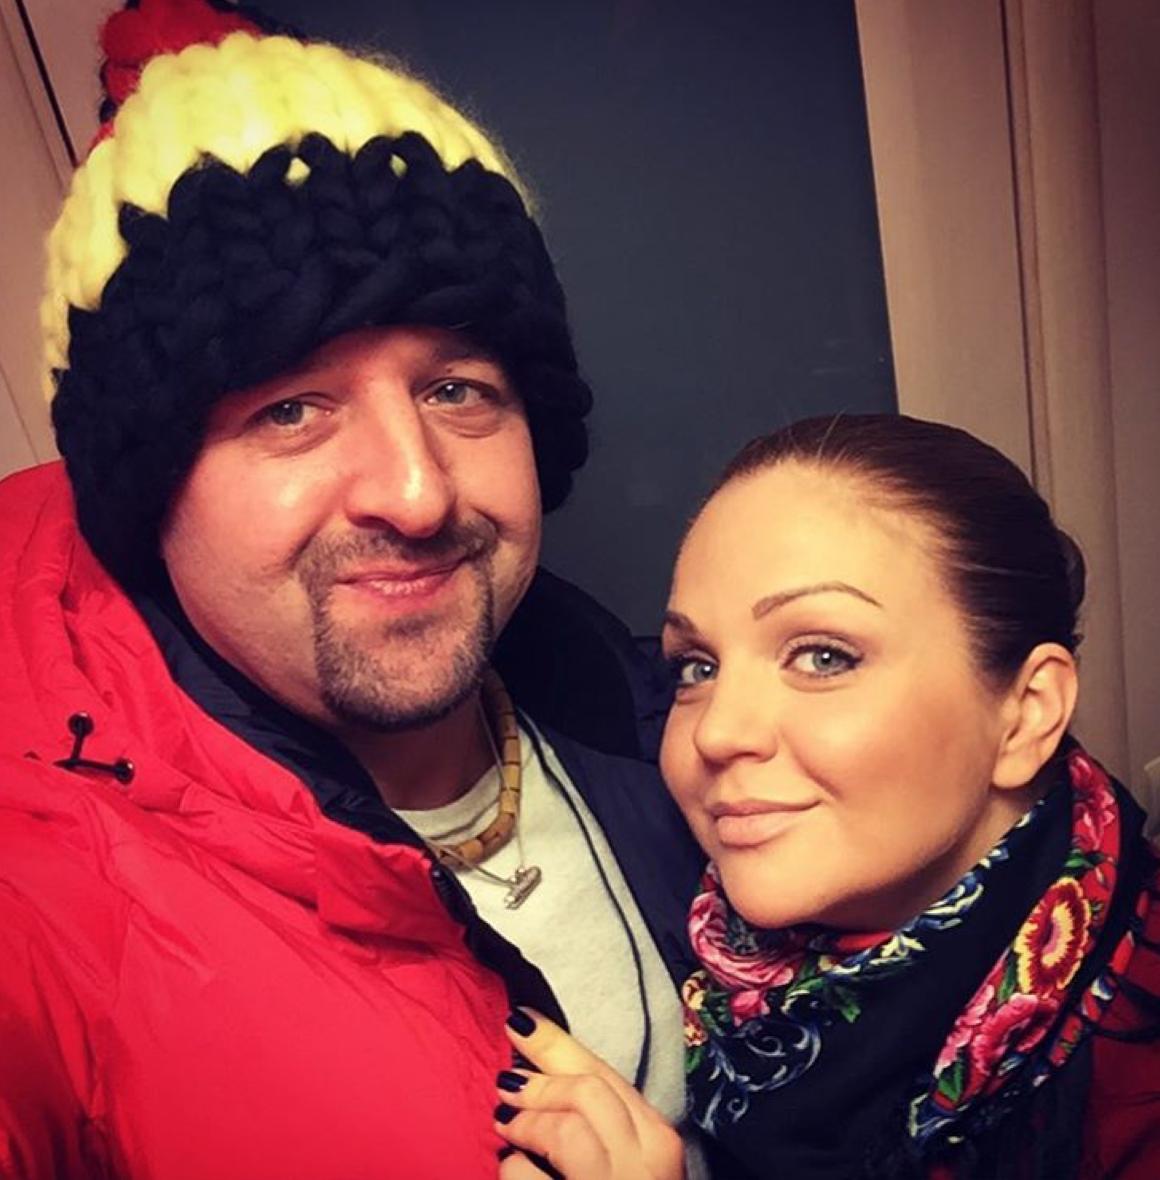 Известная исполнительница русских национальных песен Марина Девятова родила дочь